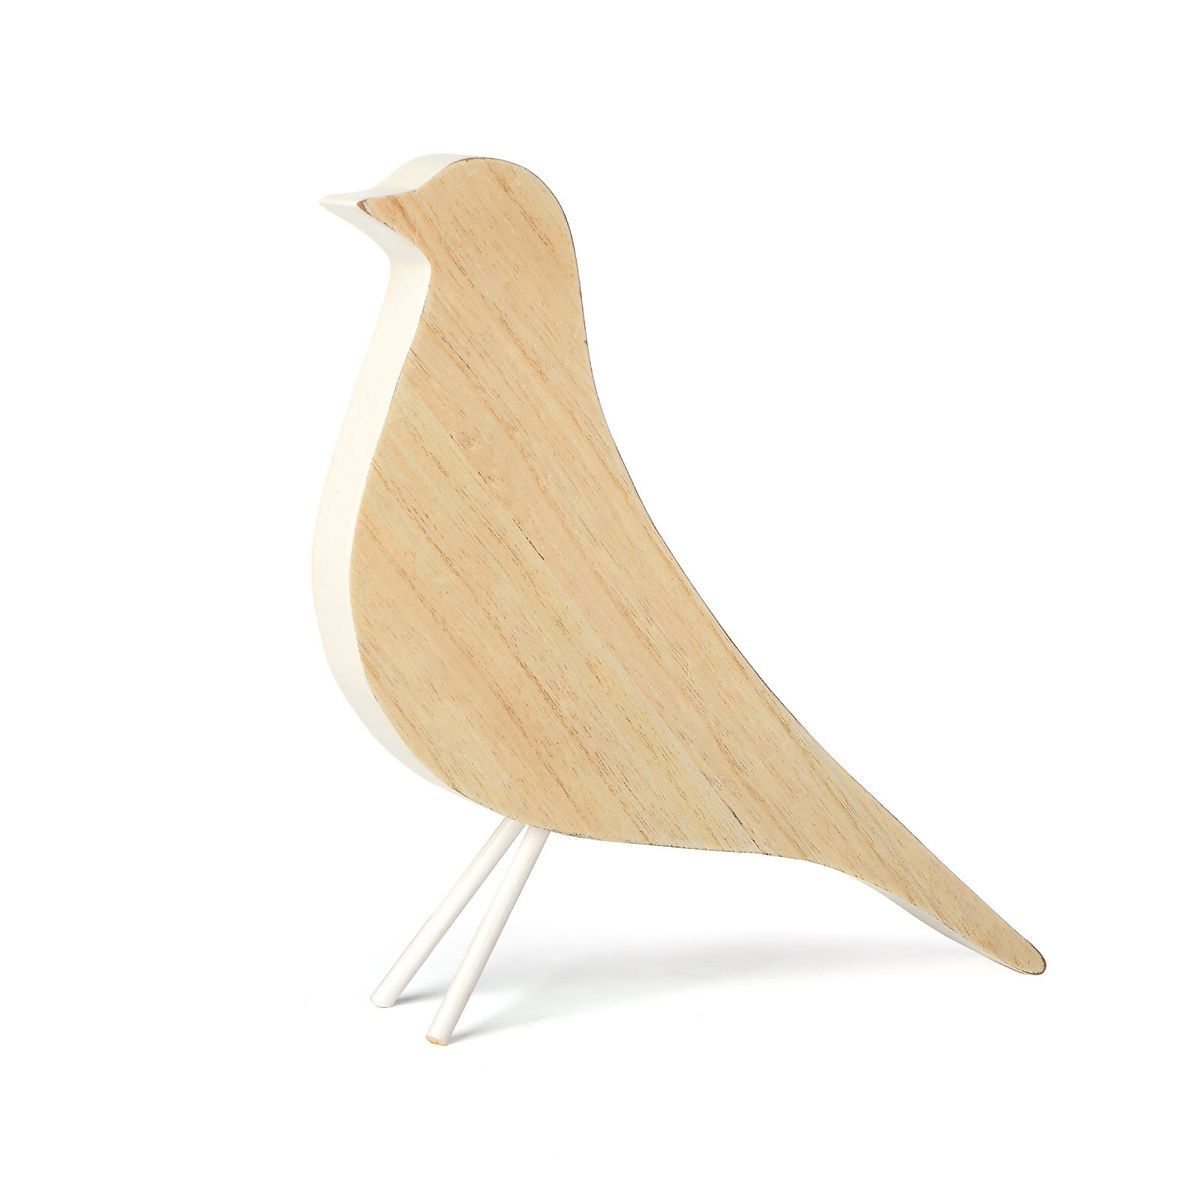 Dekofigur Vogel Holz Weiß H20 Cmdekofigur Vogel Holz Weiß H20 Cm